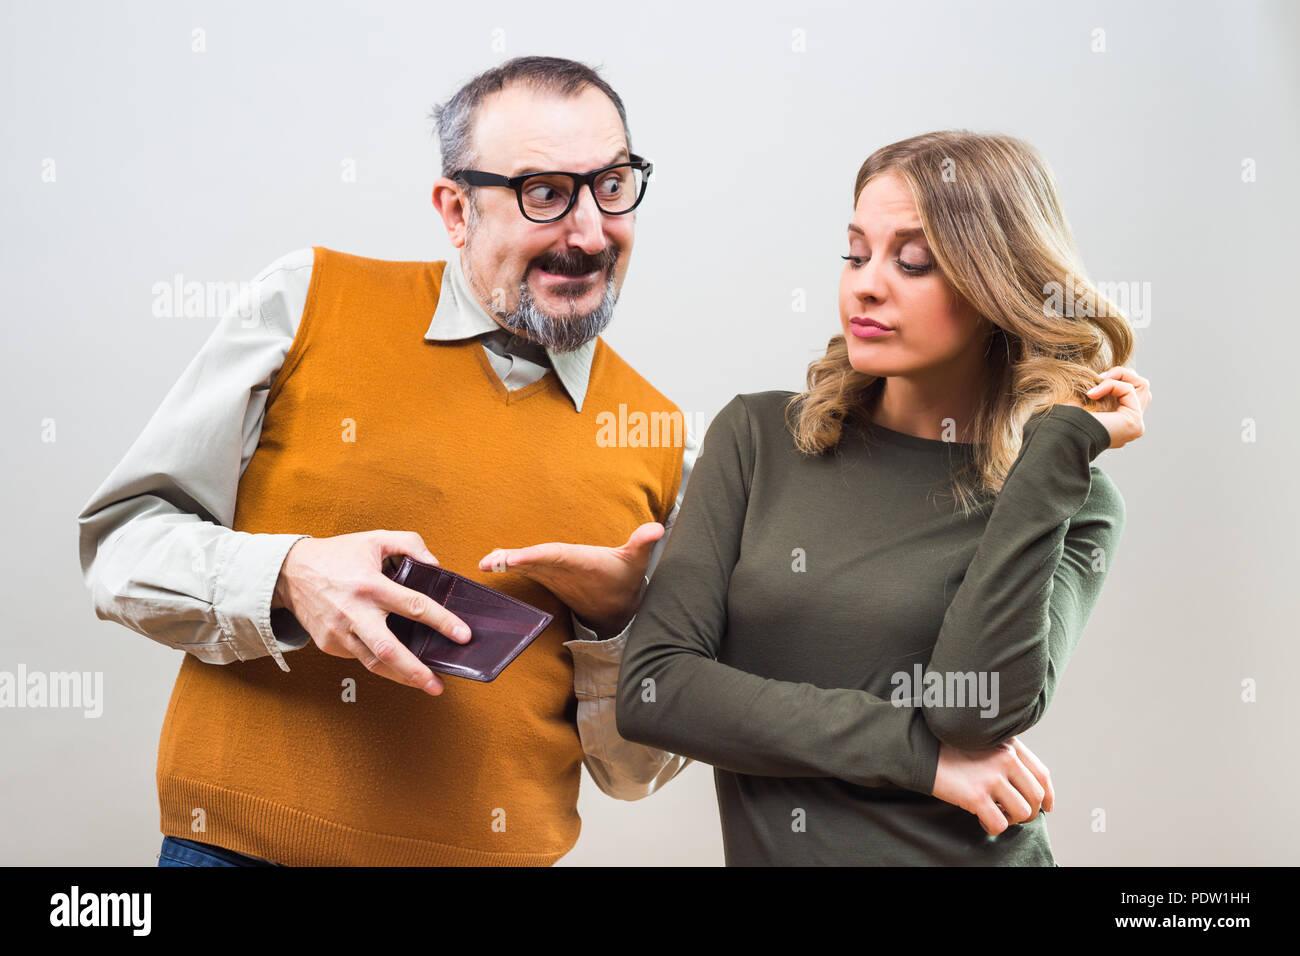 Nerdy Mann versucht, die Aufmerksamkeit von einer schönen Frau, indem ihr seine Brieftasche voll Geld erhalten, aber sie ist immer noch nicht interessiert. Stockbild